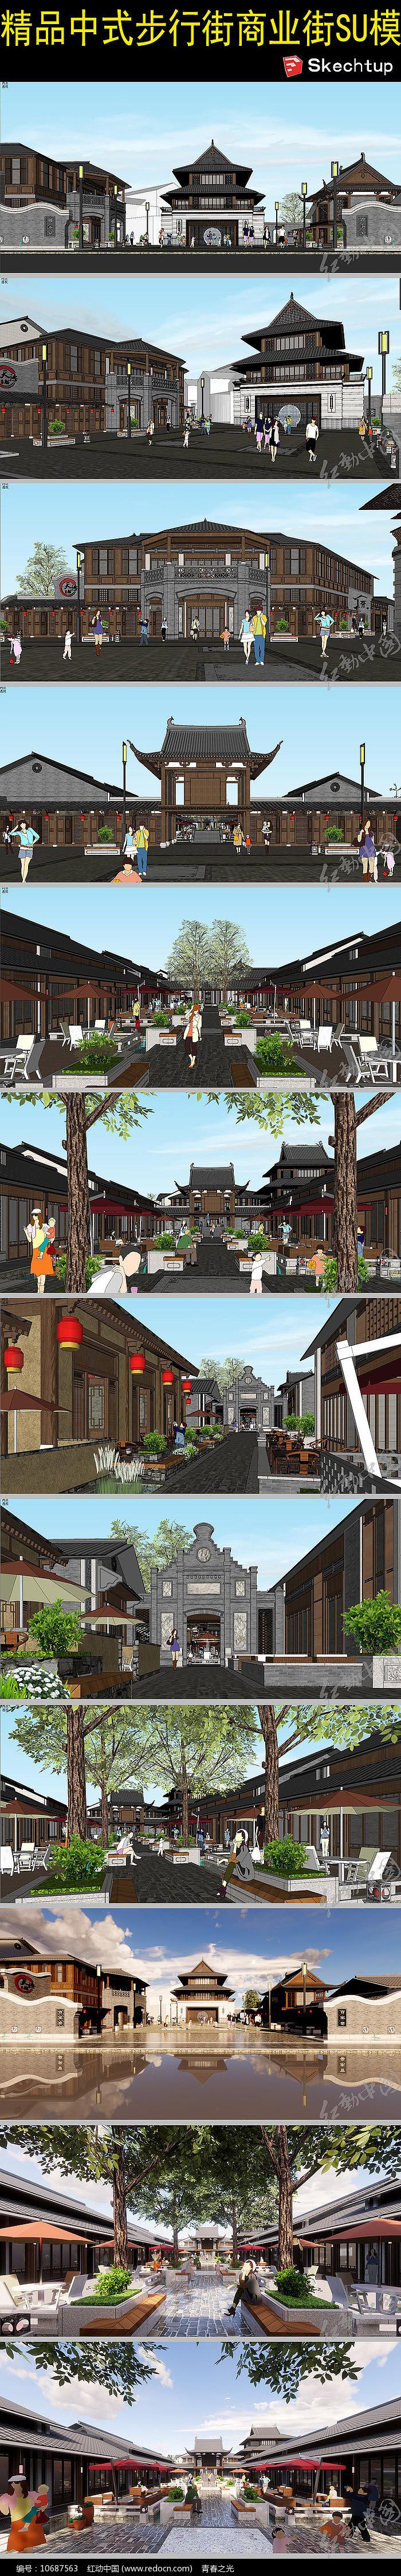 精品中式步行街商业街SU模型图片